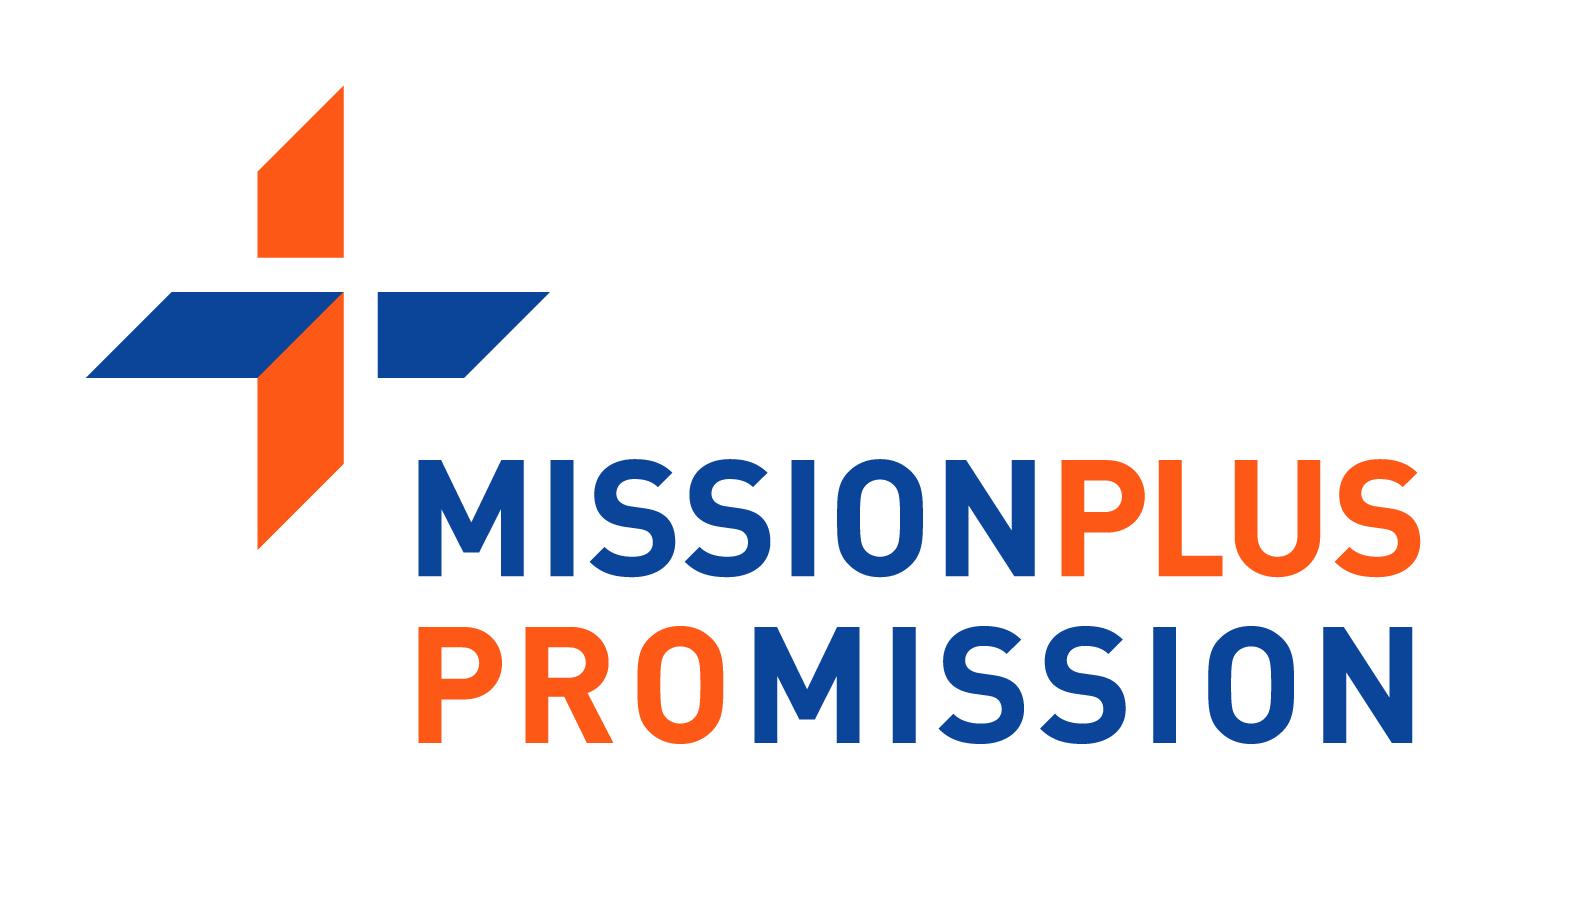 Mission Plus